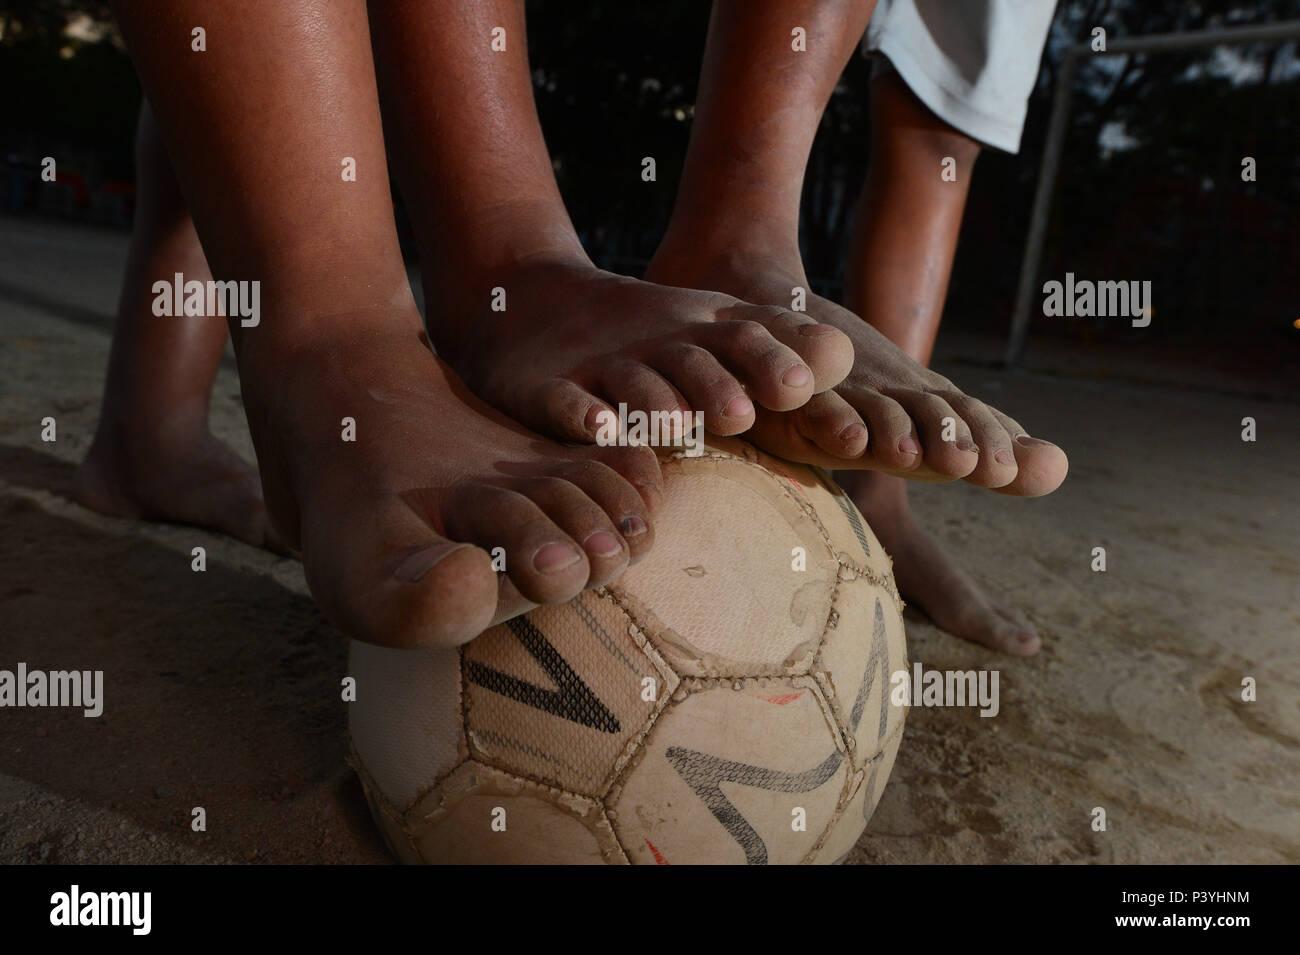 Crianças da comunidade carente de Rio das Pedras na zona oeste do Rio , com os pés sujos de terra batida sobre uma bola de futebol. Foto Stock